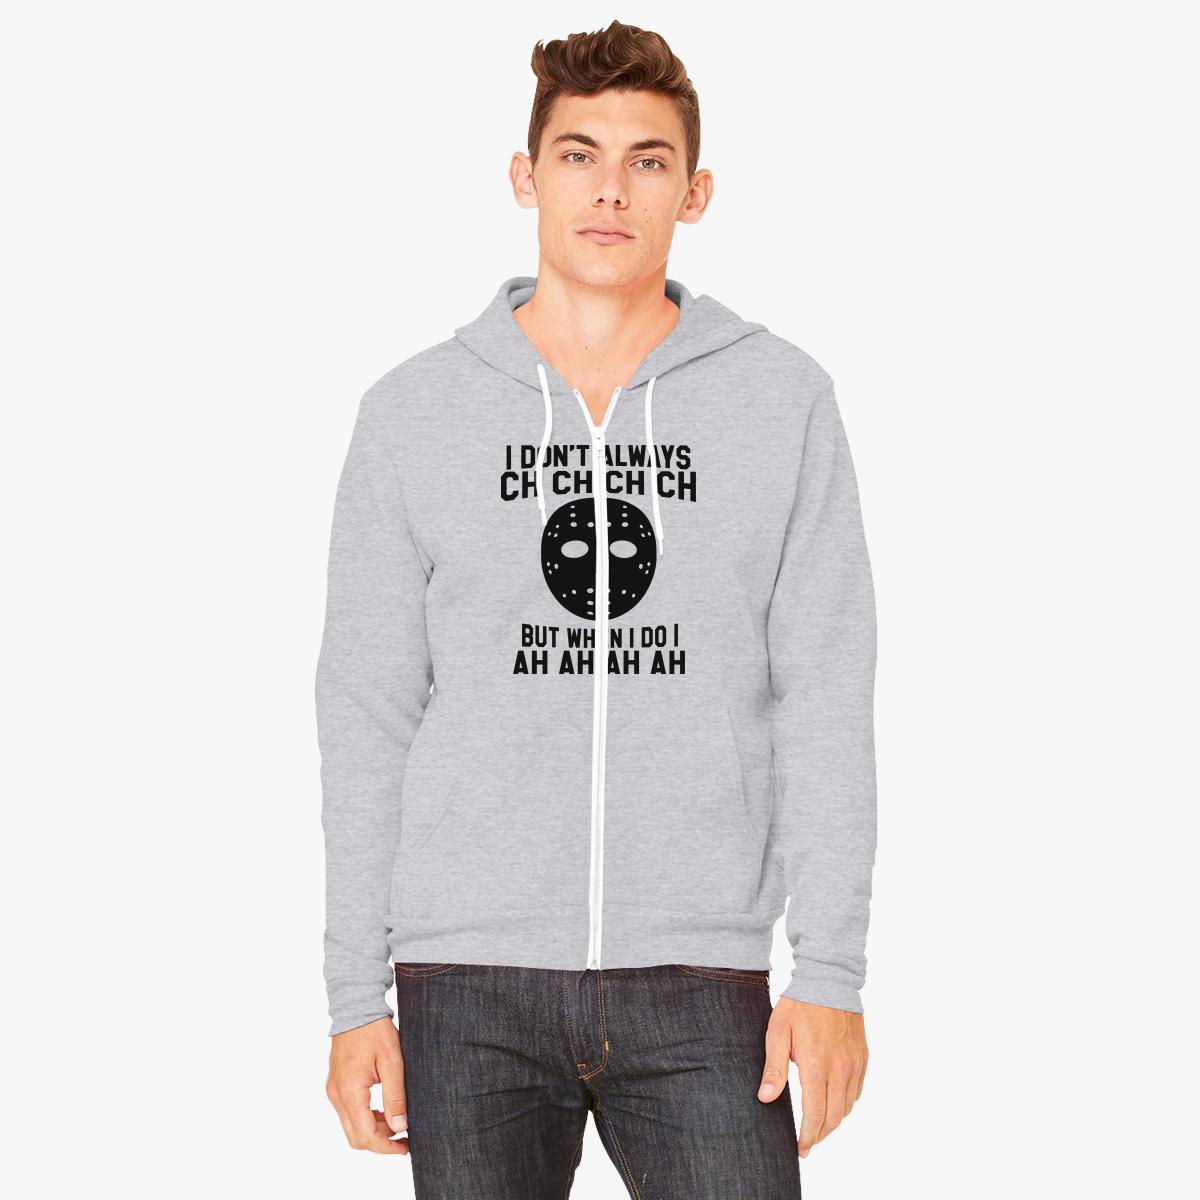 Buy always ch ch ch AH AH AH Unisex Zip-Up Hoodie, 581818